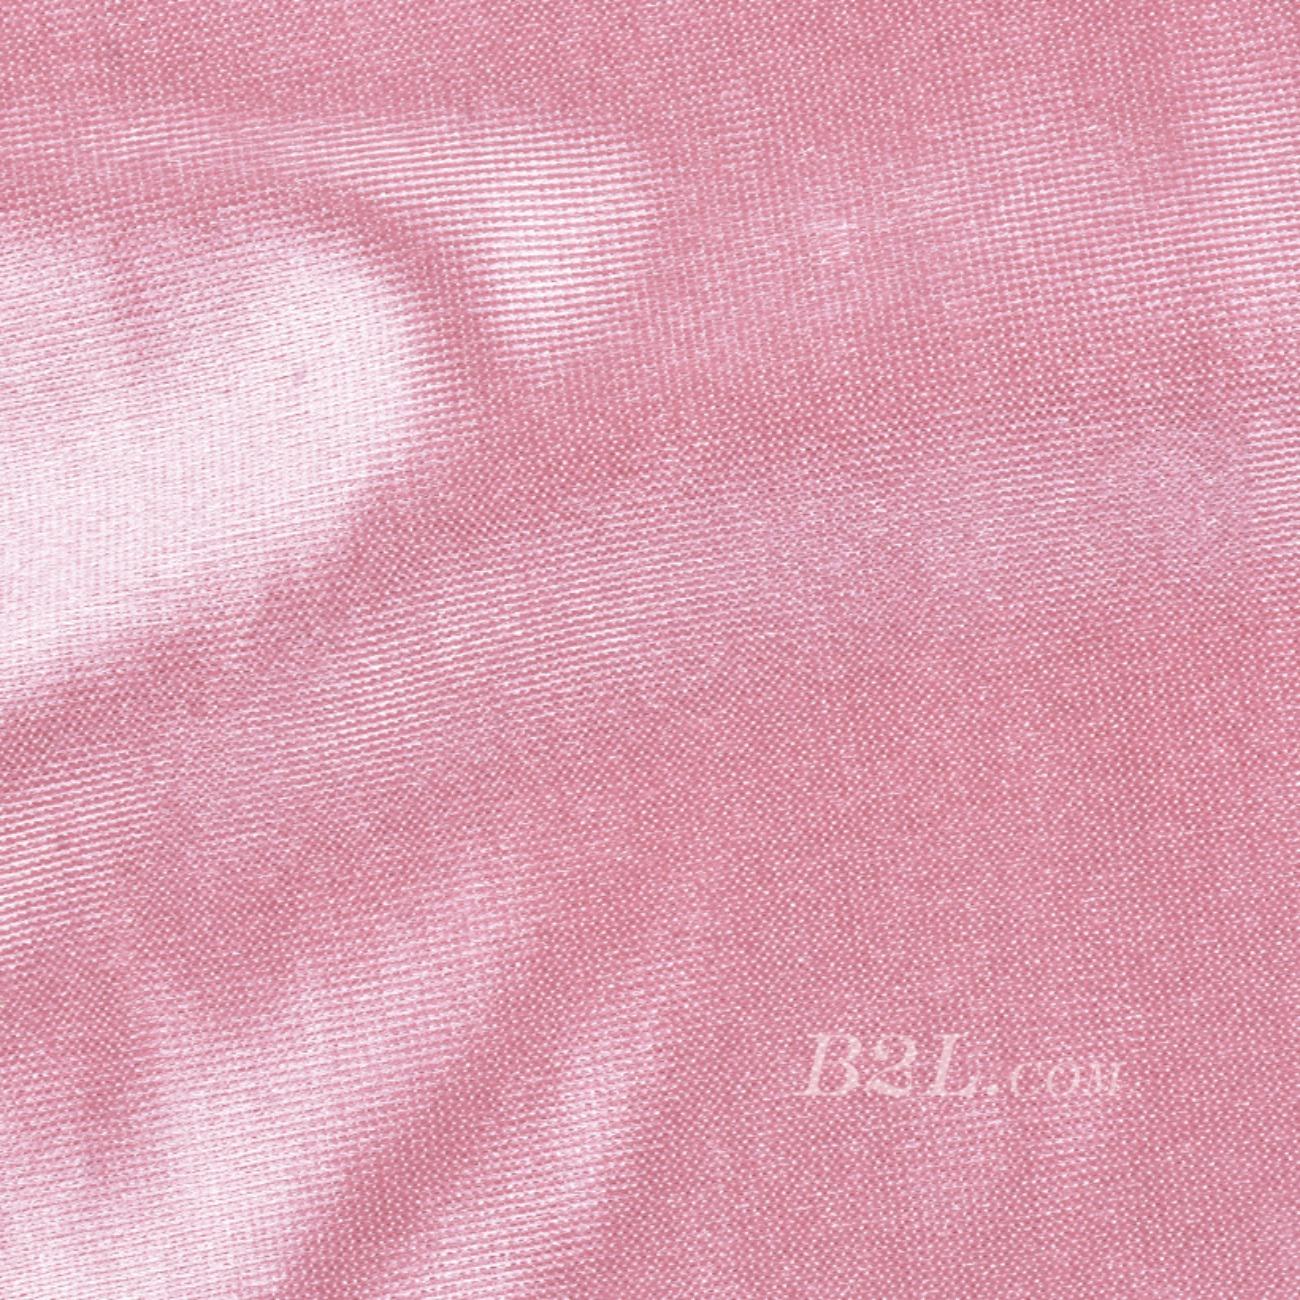 素色 针织 染色 色织 薄 细腻 光滑 四面弹 春夏 休闲裤 女装 连衣裙 休闲裤 睡衣 90704-1